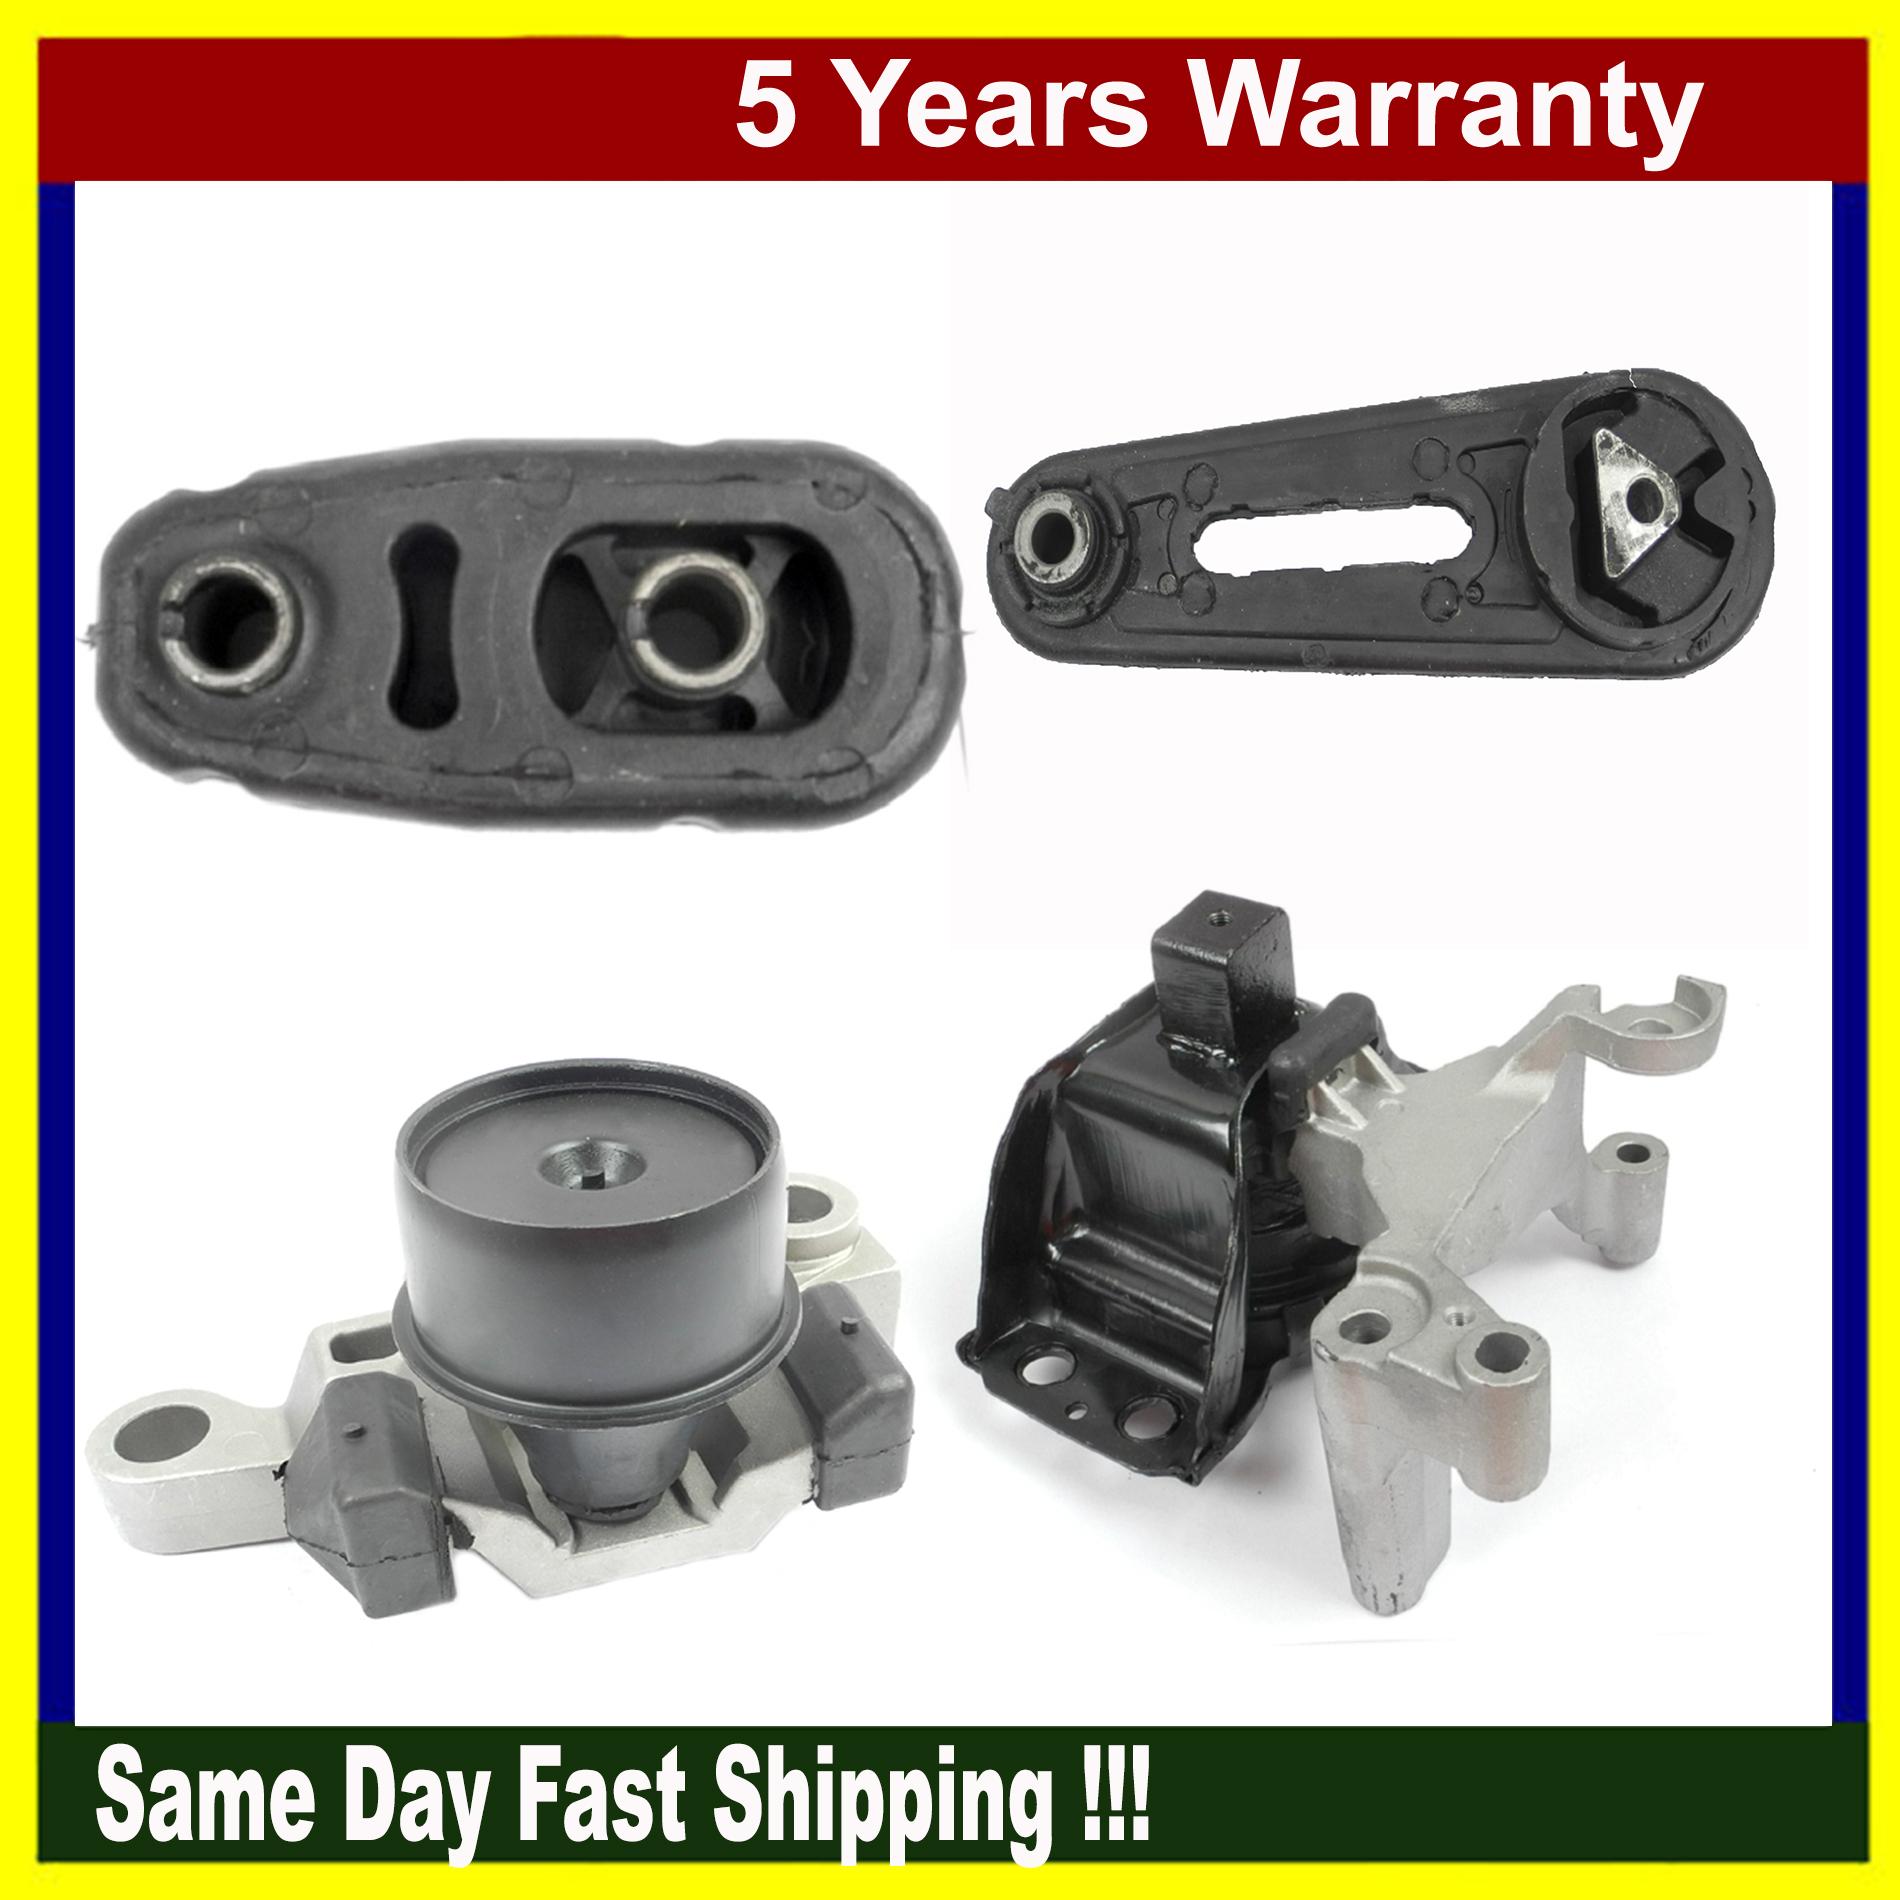 M771 Engine Motor Mount Set For 07-11 Nissan Sentra 2.0L Set 4318 4345 4346 4348